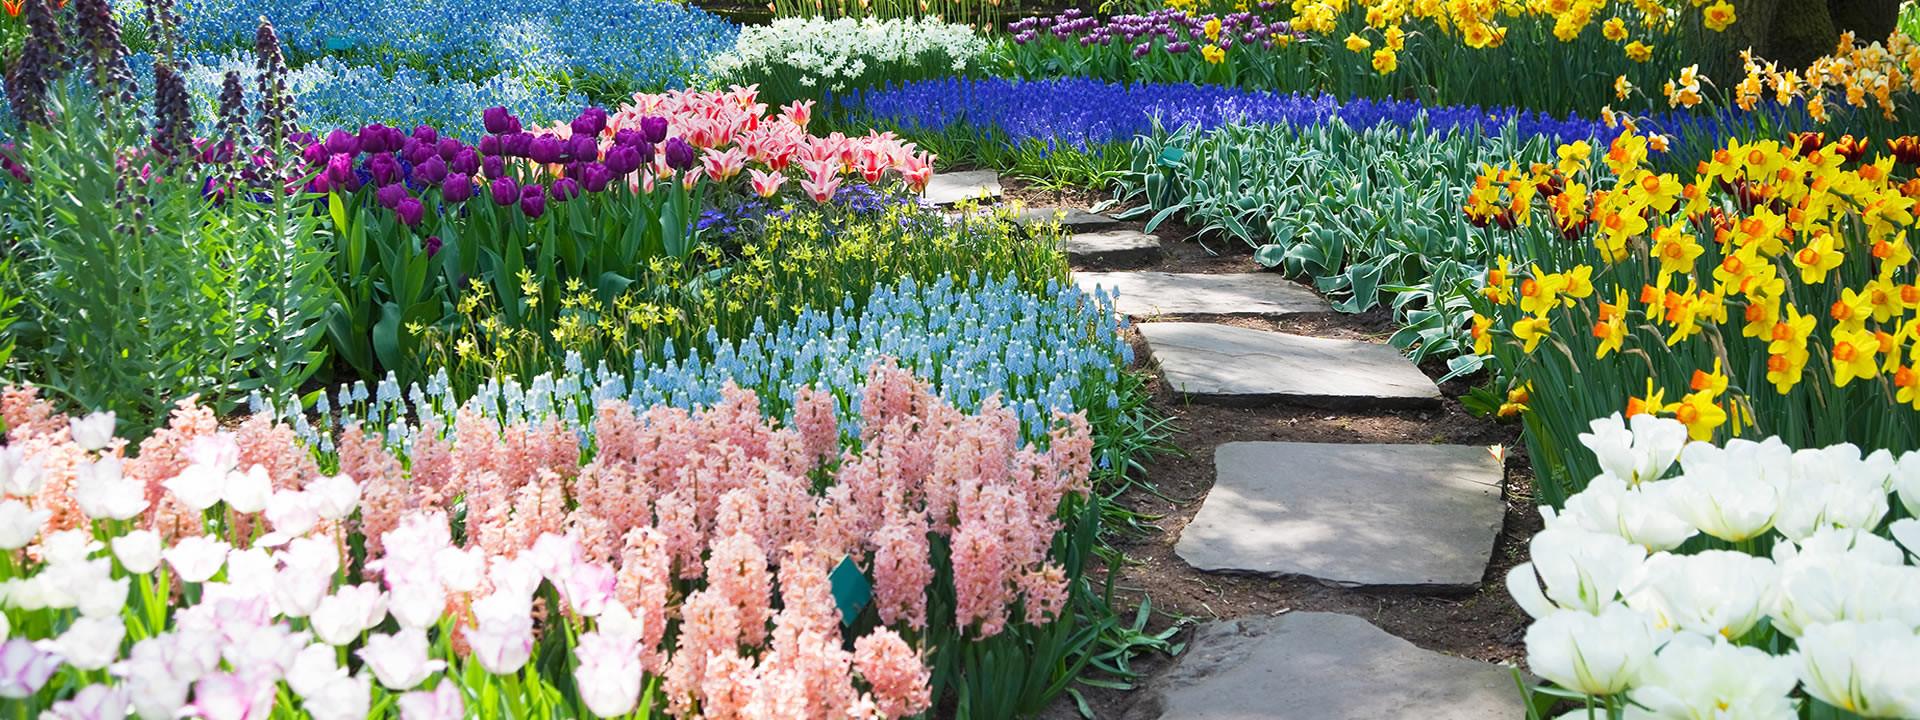 Grief & Healing | Evergreen Memorial Park & Mausoleum